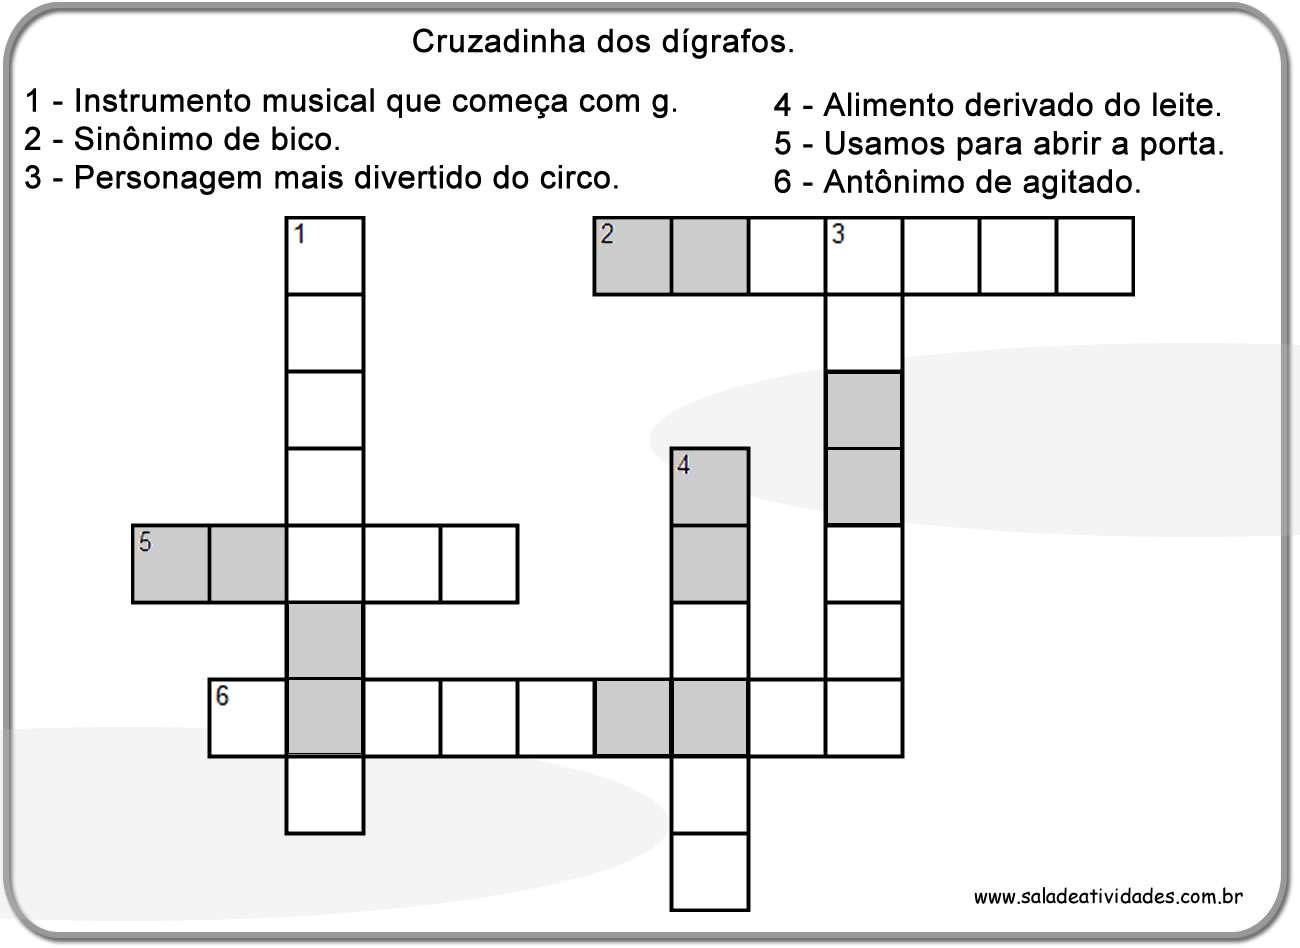 Atividades De Portugues Atividades Ensino Fundamental Atividades Para